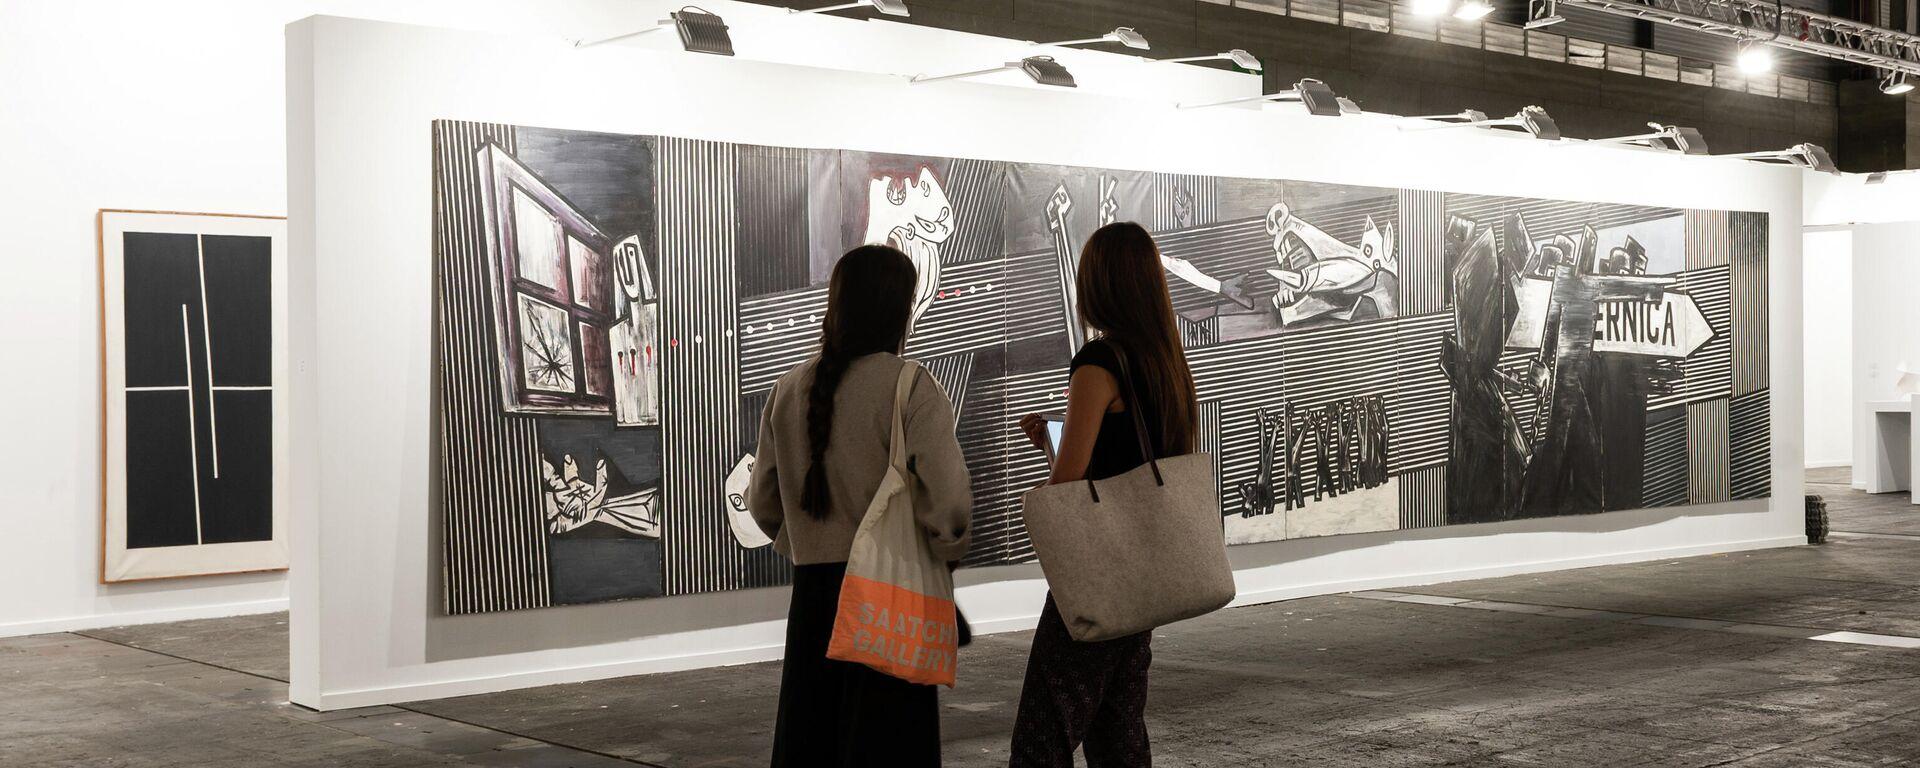 El 'Guernica' de Agustín Ibarrola en la feria ARCO de Madrid  - Sputnik Mundo, 1920, 16.07.2021